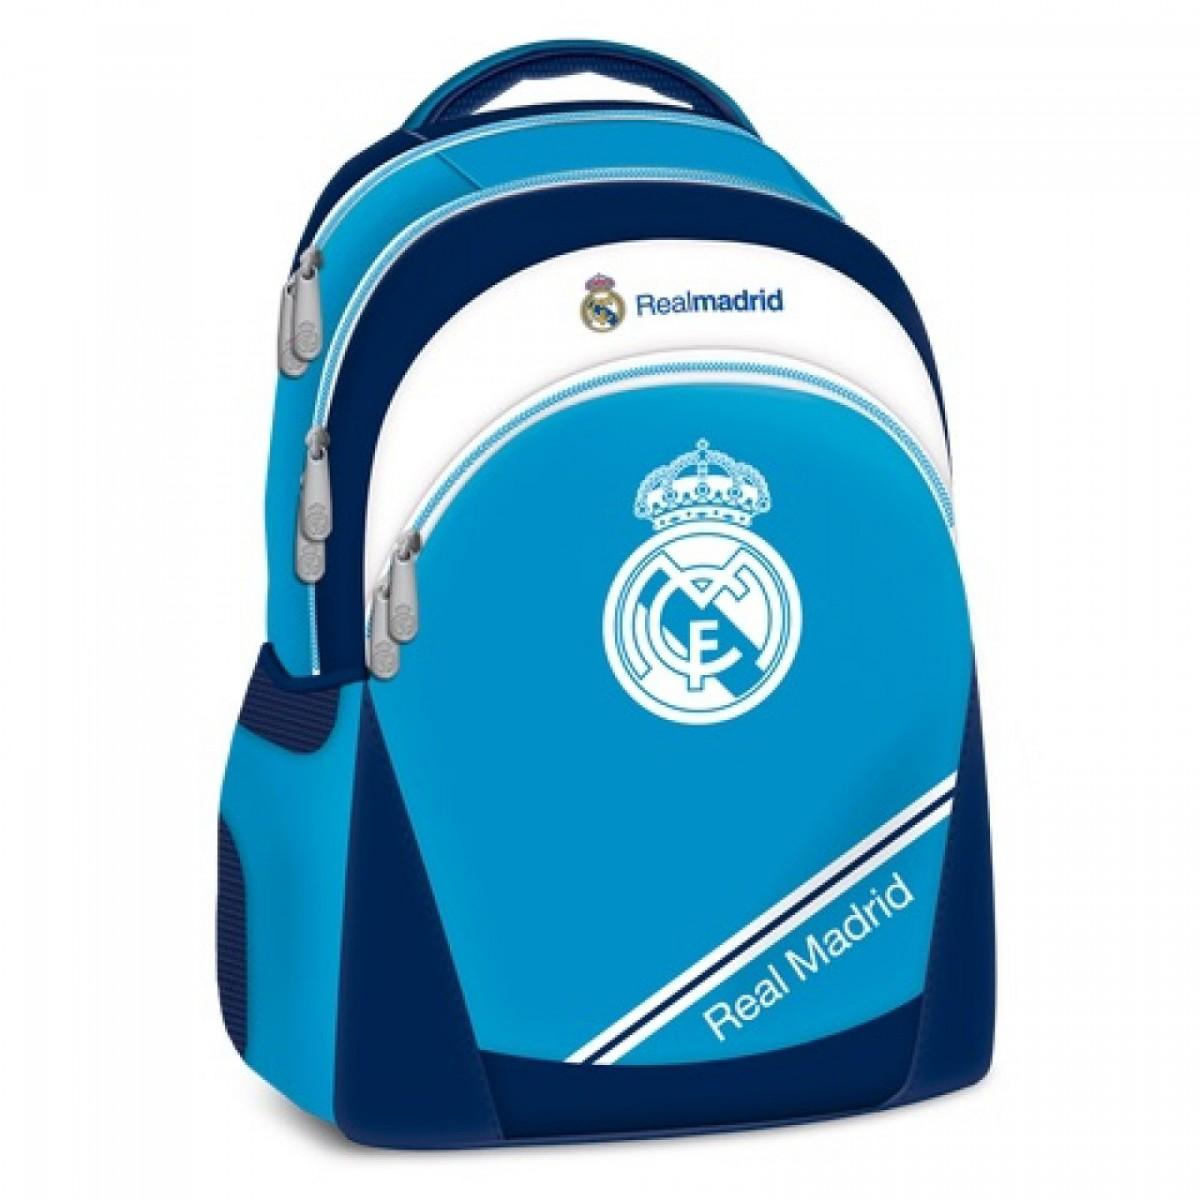 cf0c7a284209 Real Madrid tinédzser hátizsák - AU-92987074 - Táska, sulis ...